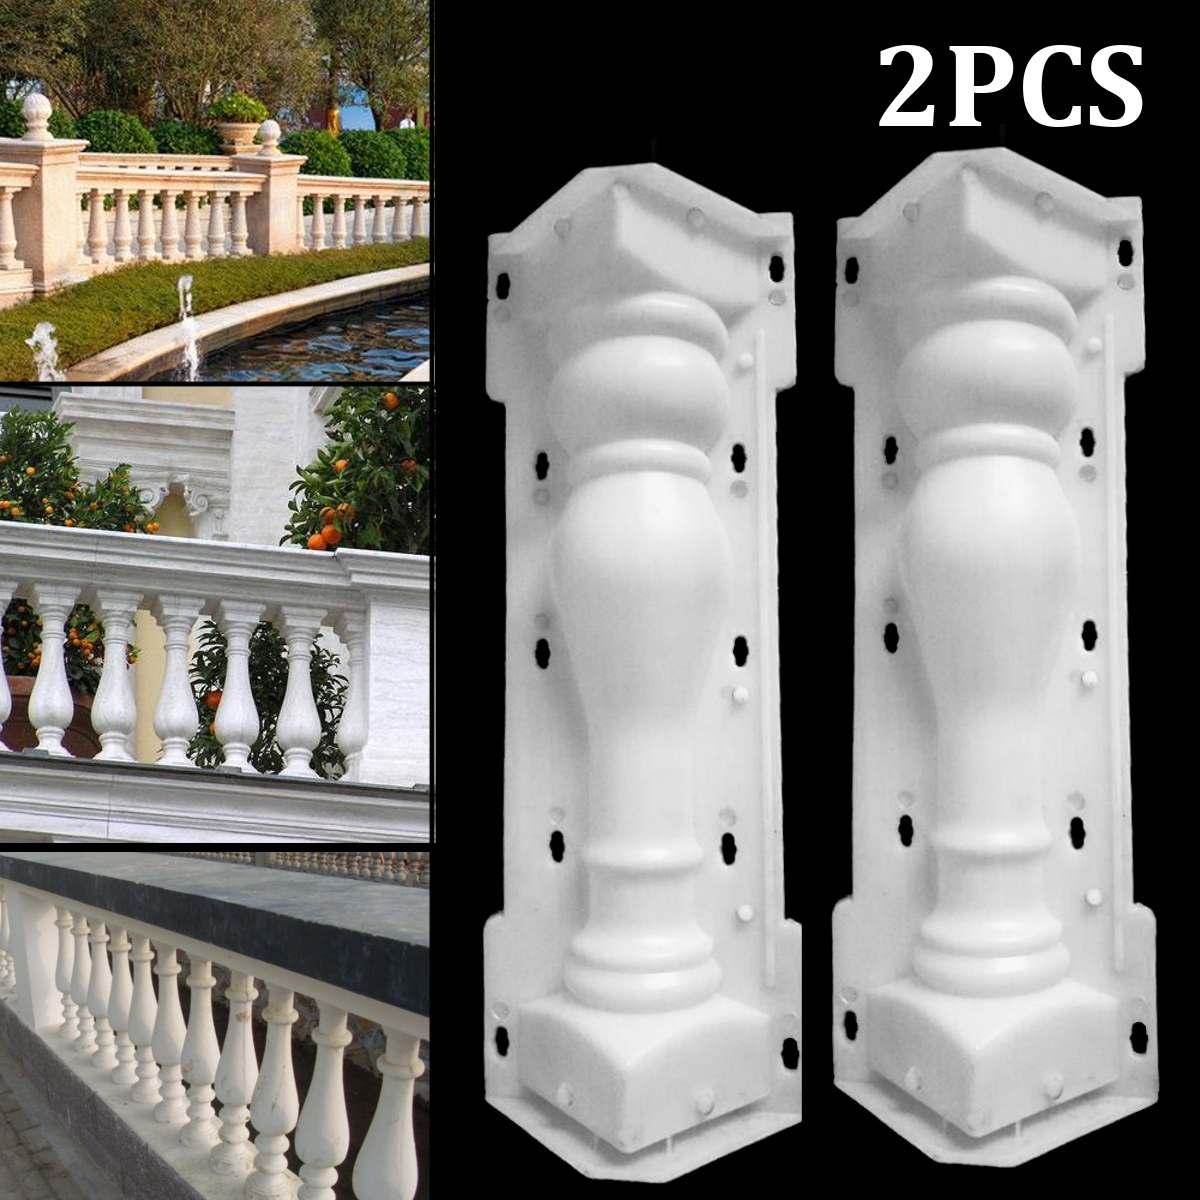 60X14cm Roman Column Mould Fence Balcony Garden Pool Cement Railing Plaster Concrete Mold Column Guardrail Building Paving Molds